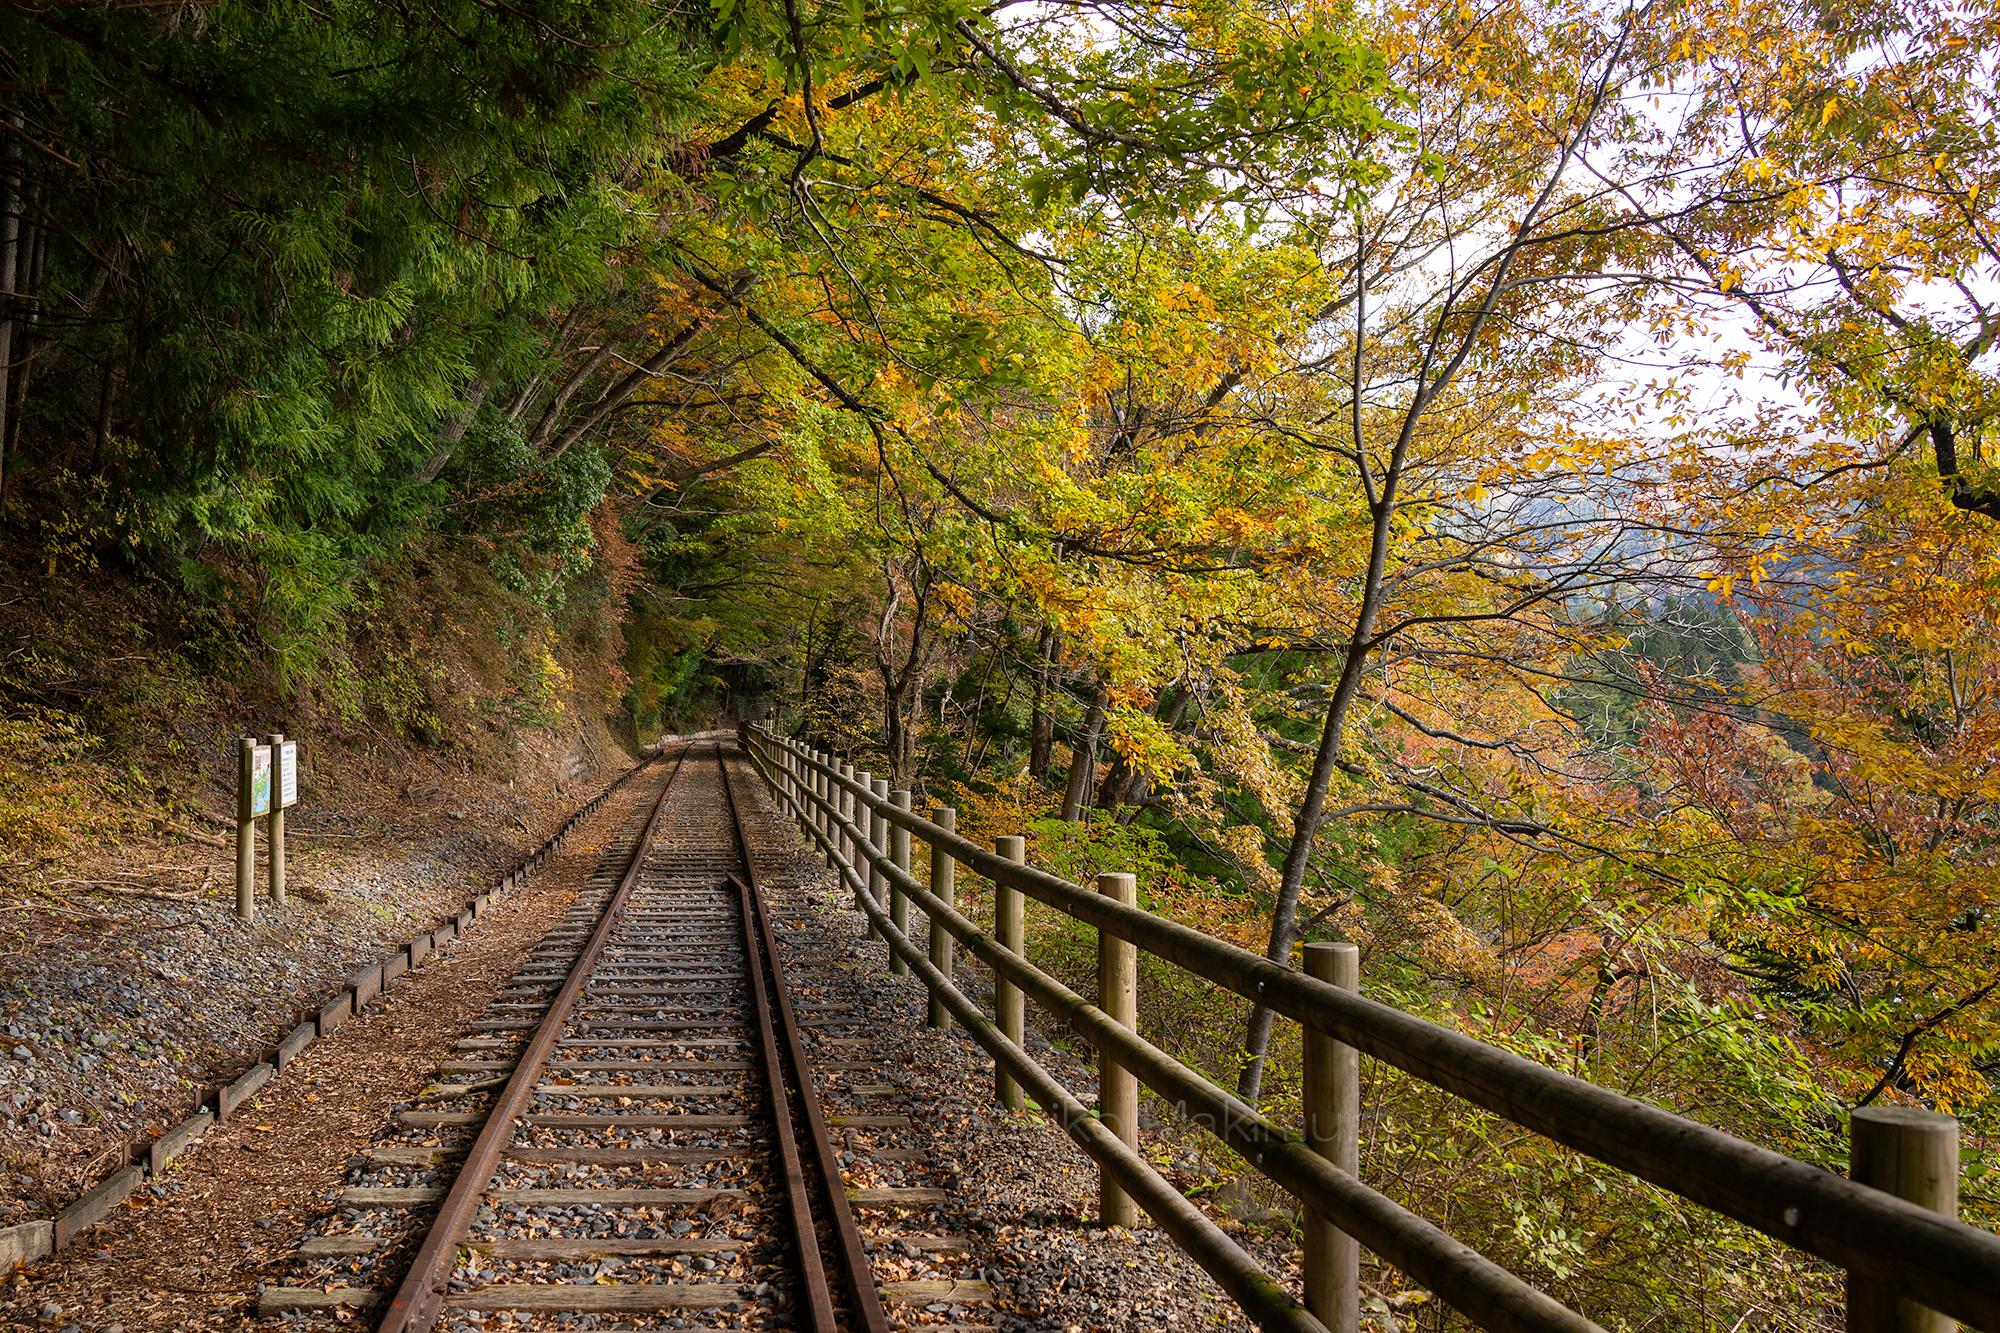 ディープな大井川(1) 井川湖畔の廃線ウォーク 歴史を刻む線路跡